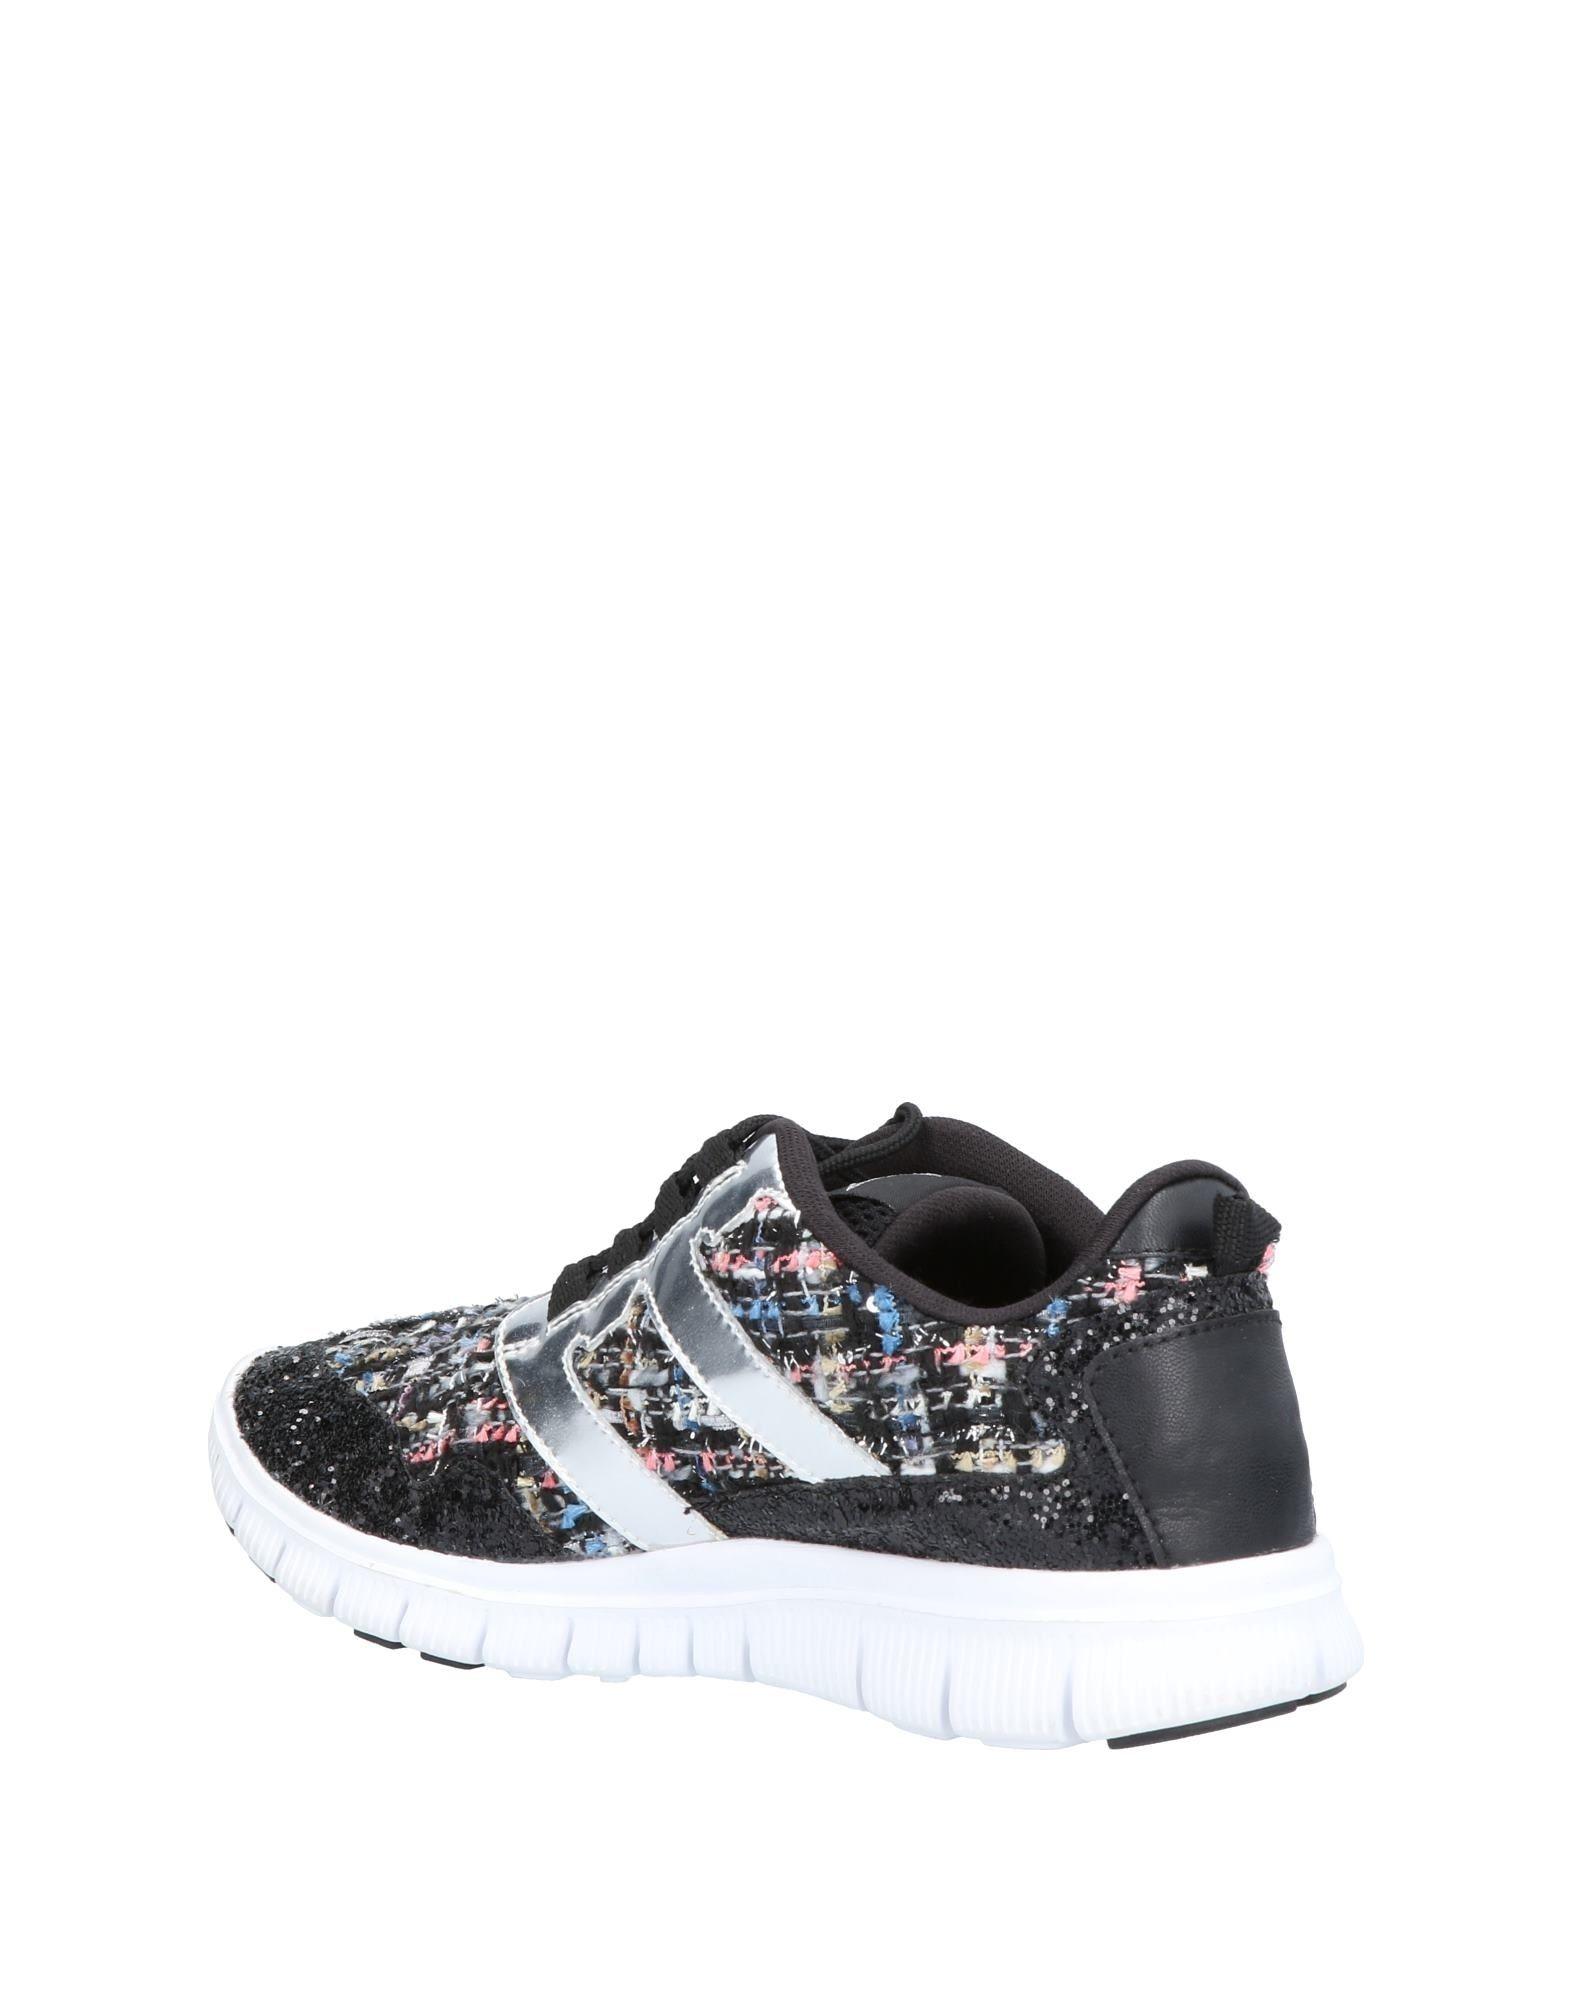 Roberto Della 11456005GS Croce Sneakers Damen  11456005GS Della Gute Qualität beliebte Schuhe b25e5c